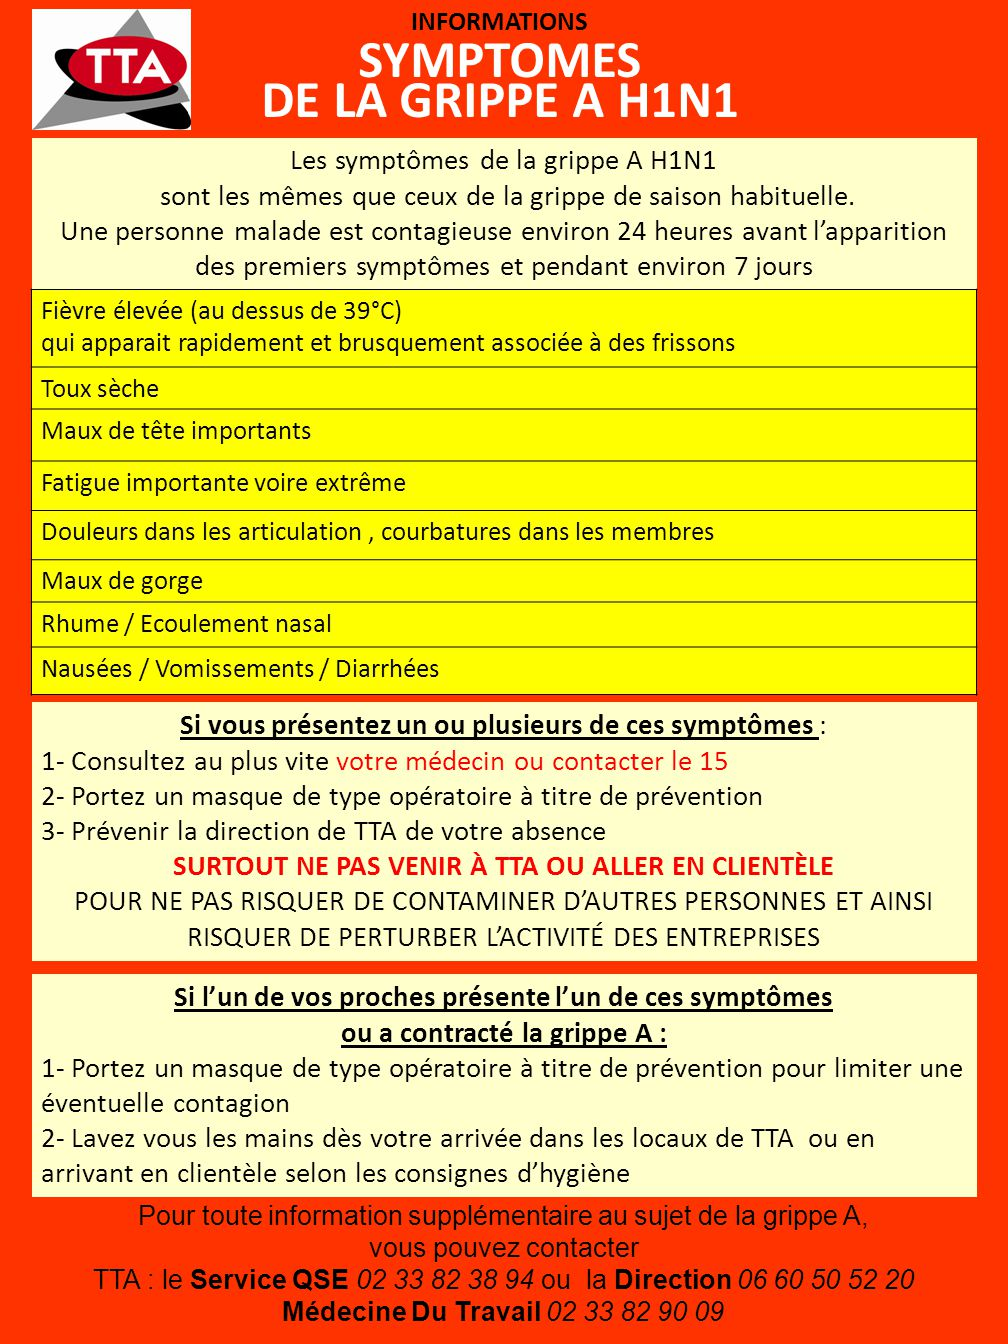 SYMPTOMES DE LA GRIPPE A H1N1